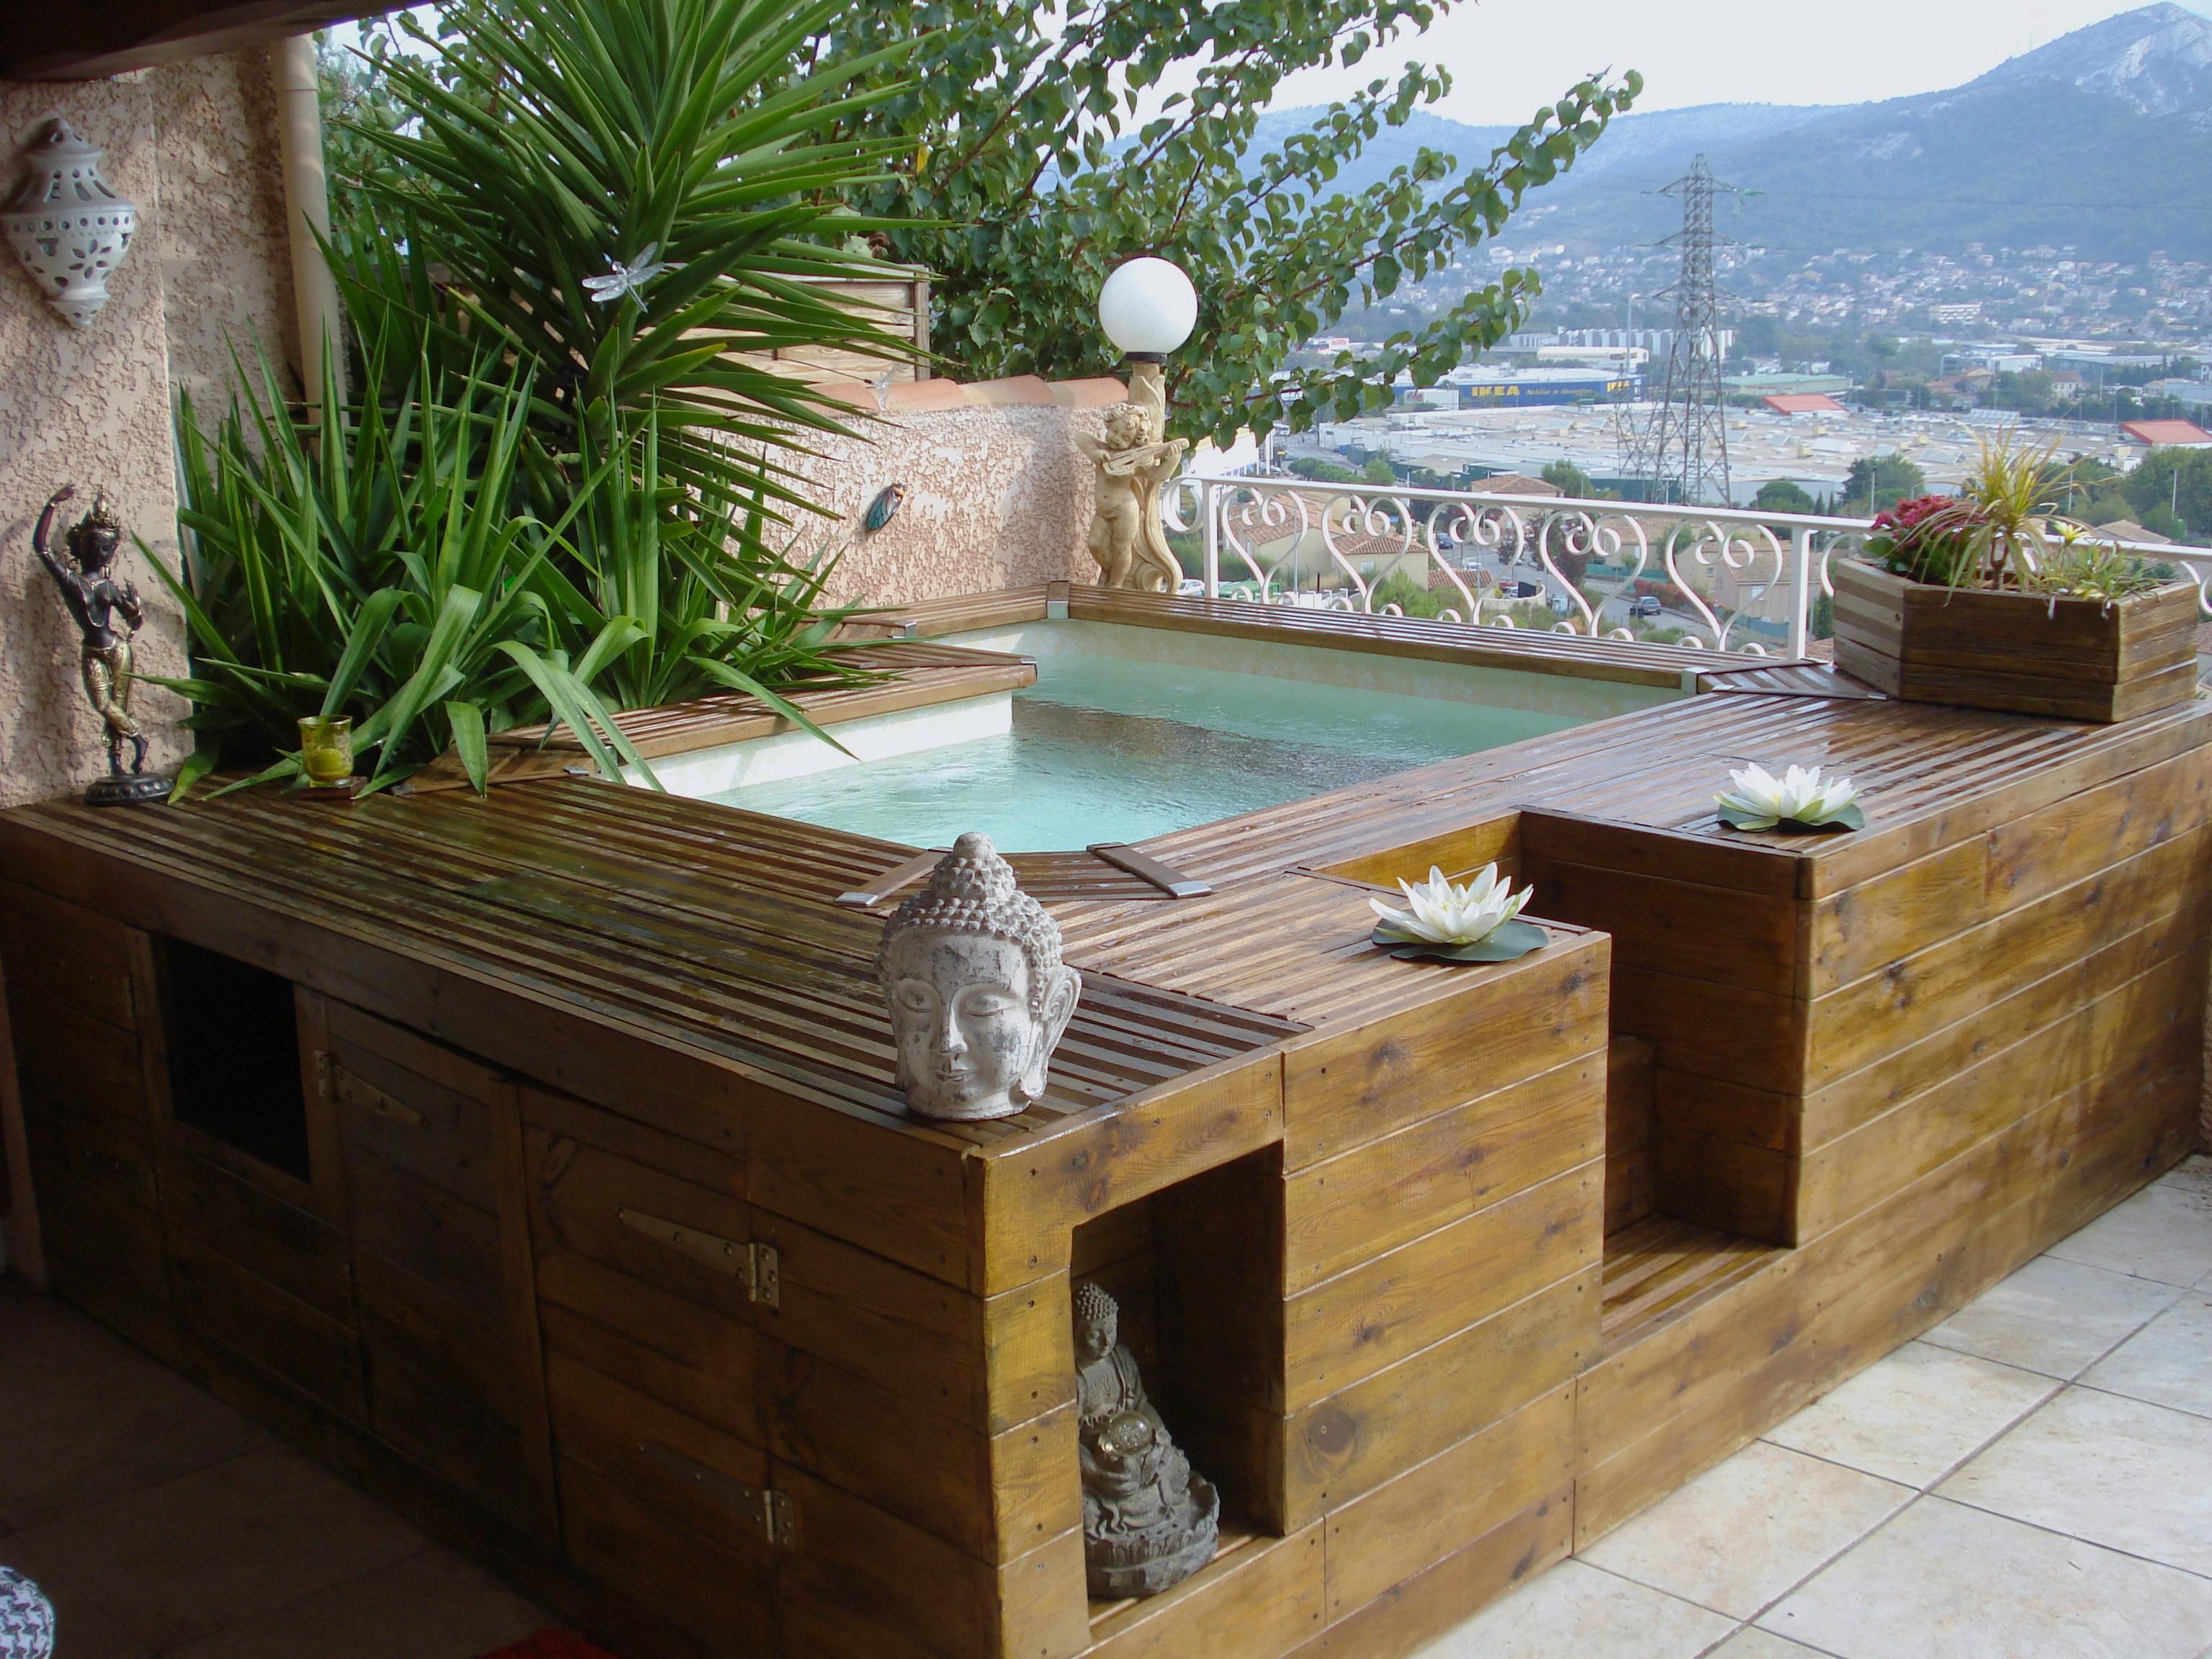 Voir Piscine Hors Sol mini piscine bois - mini piscine comprendre et choisir